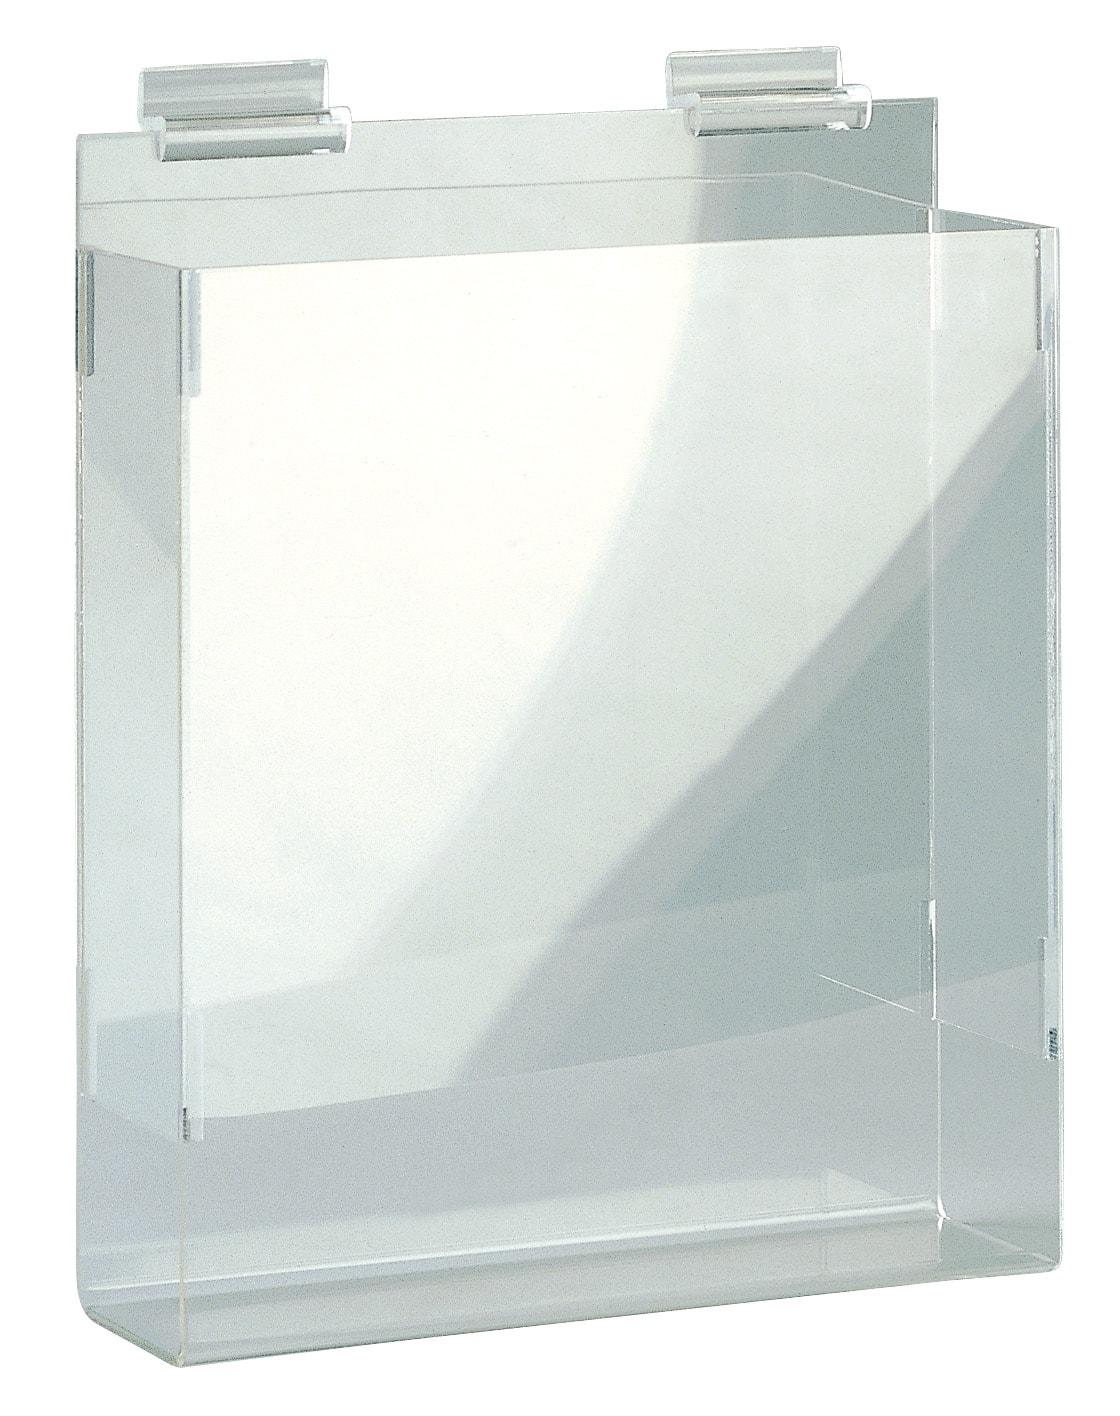 KM44420 - Leaflet holder